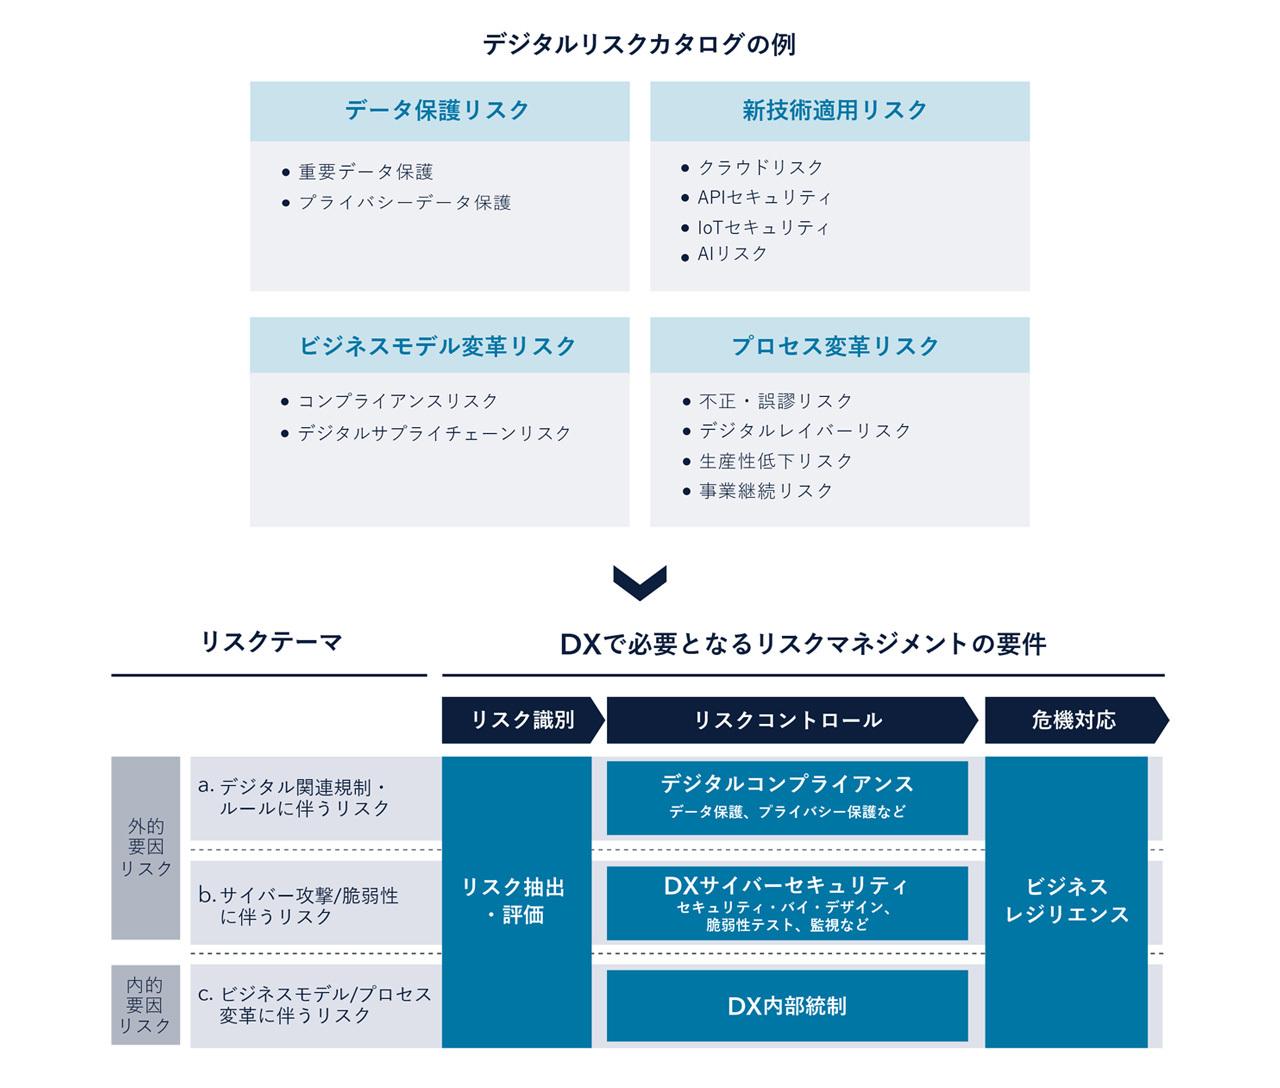 図表3:DX推進の必須要件:デジタルリスクマネジメントのフレームワーク